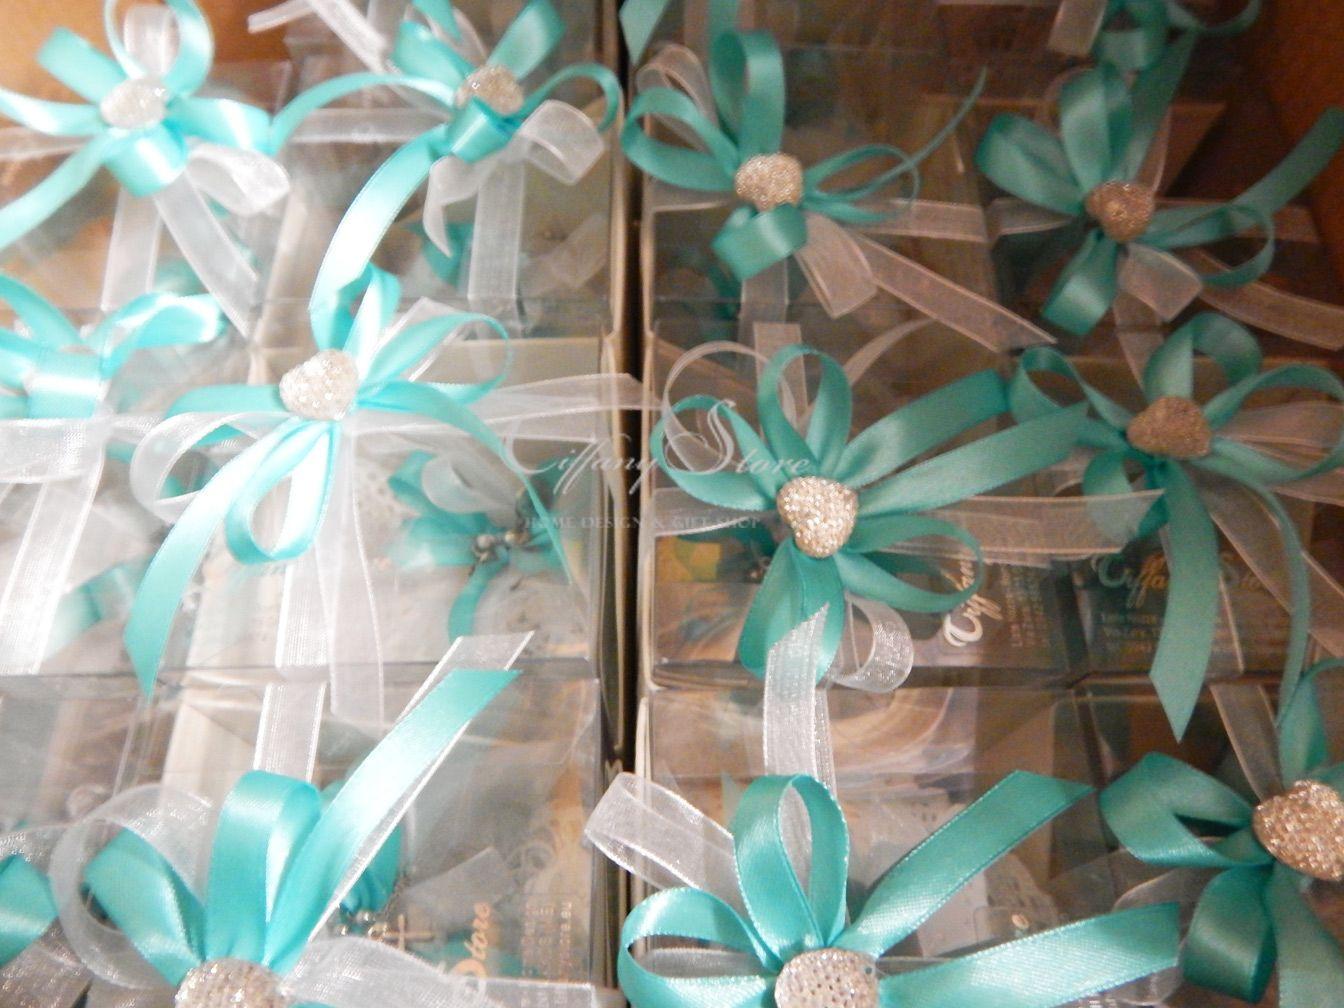 Stile Tiffany Per Confezionare Una Graziosa E Originale Bomboniera Per Comunione Bracciale Rosario Su Sacchetto Fatto A Mano Gifts Gift Wrapping Wedding